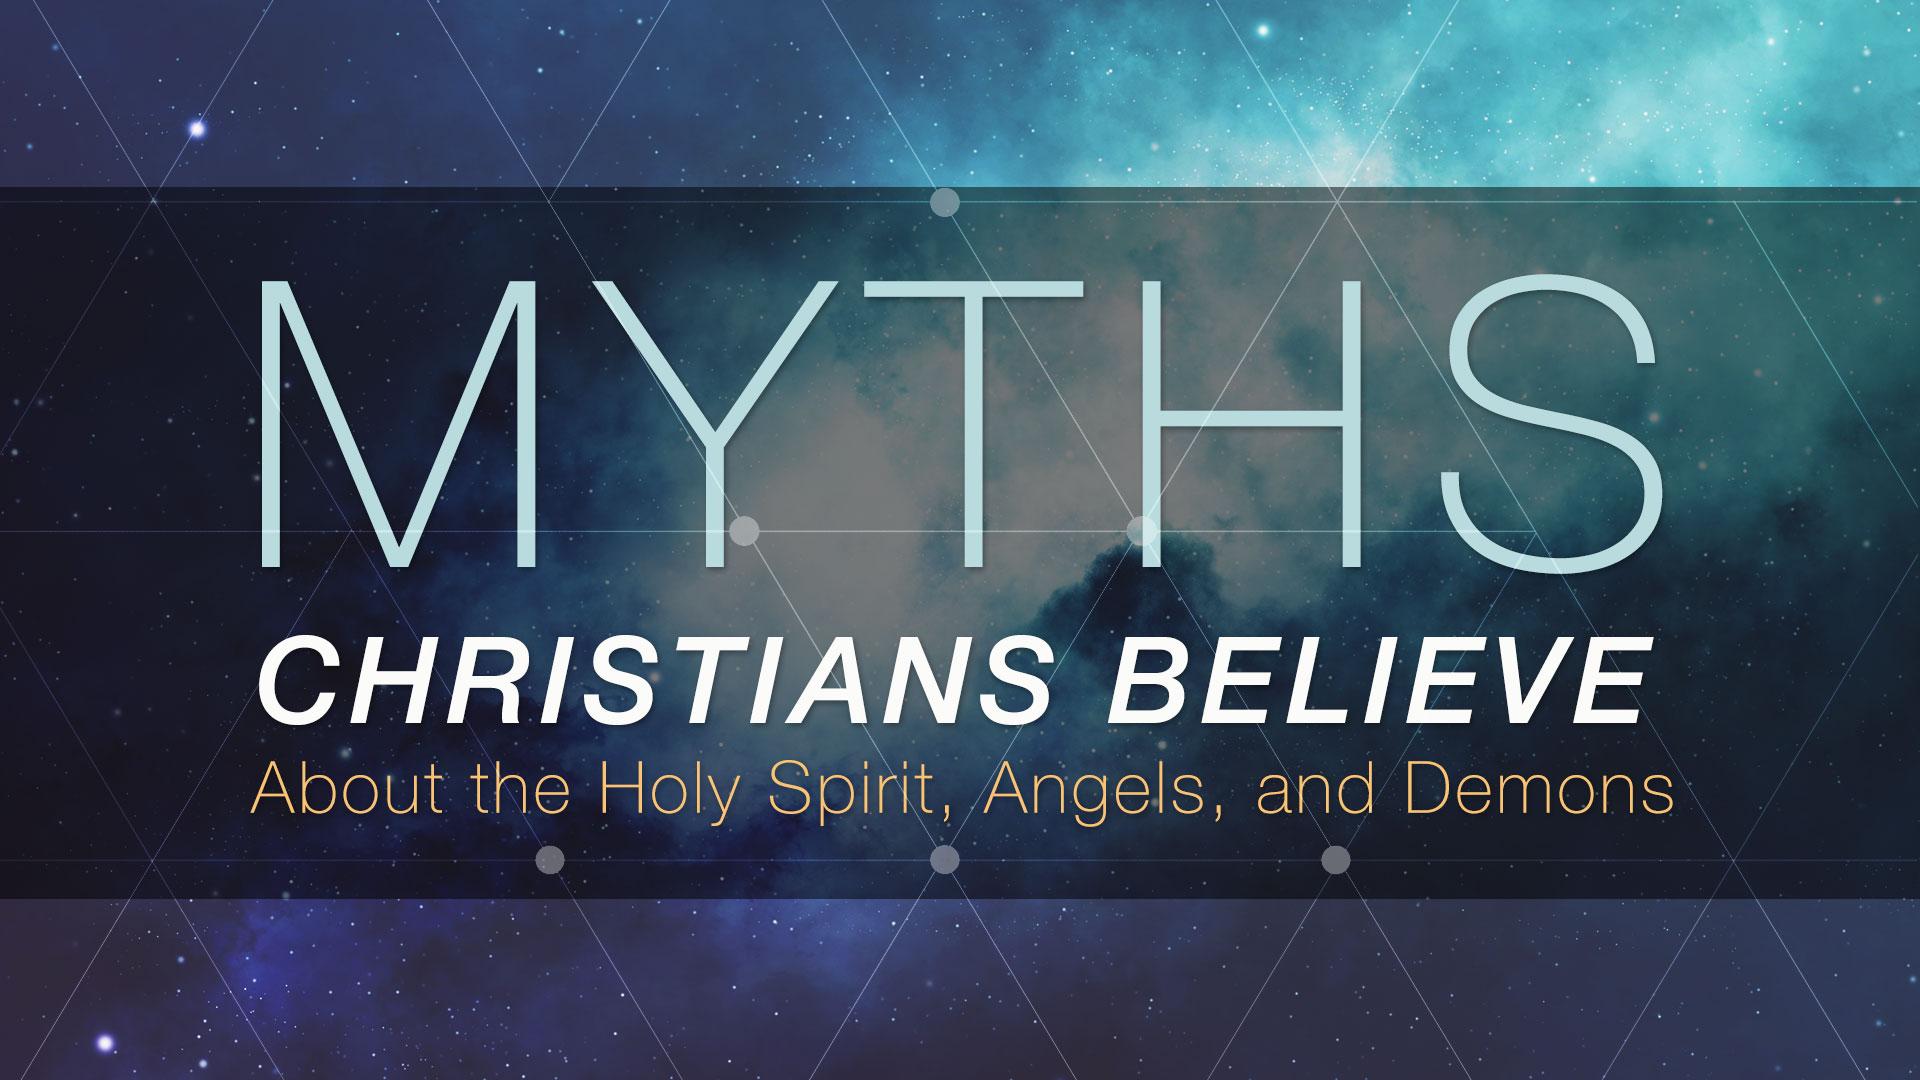 MYTHS-Christians-Believe-copy-3.jpg